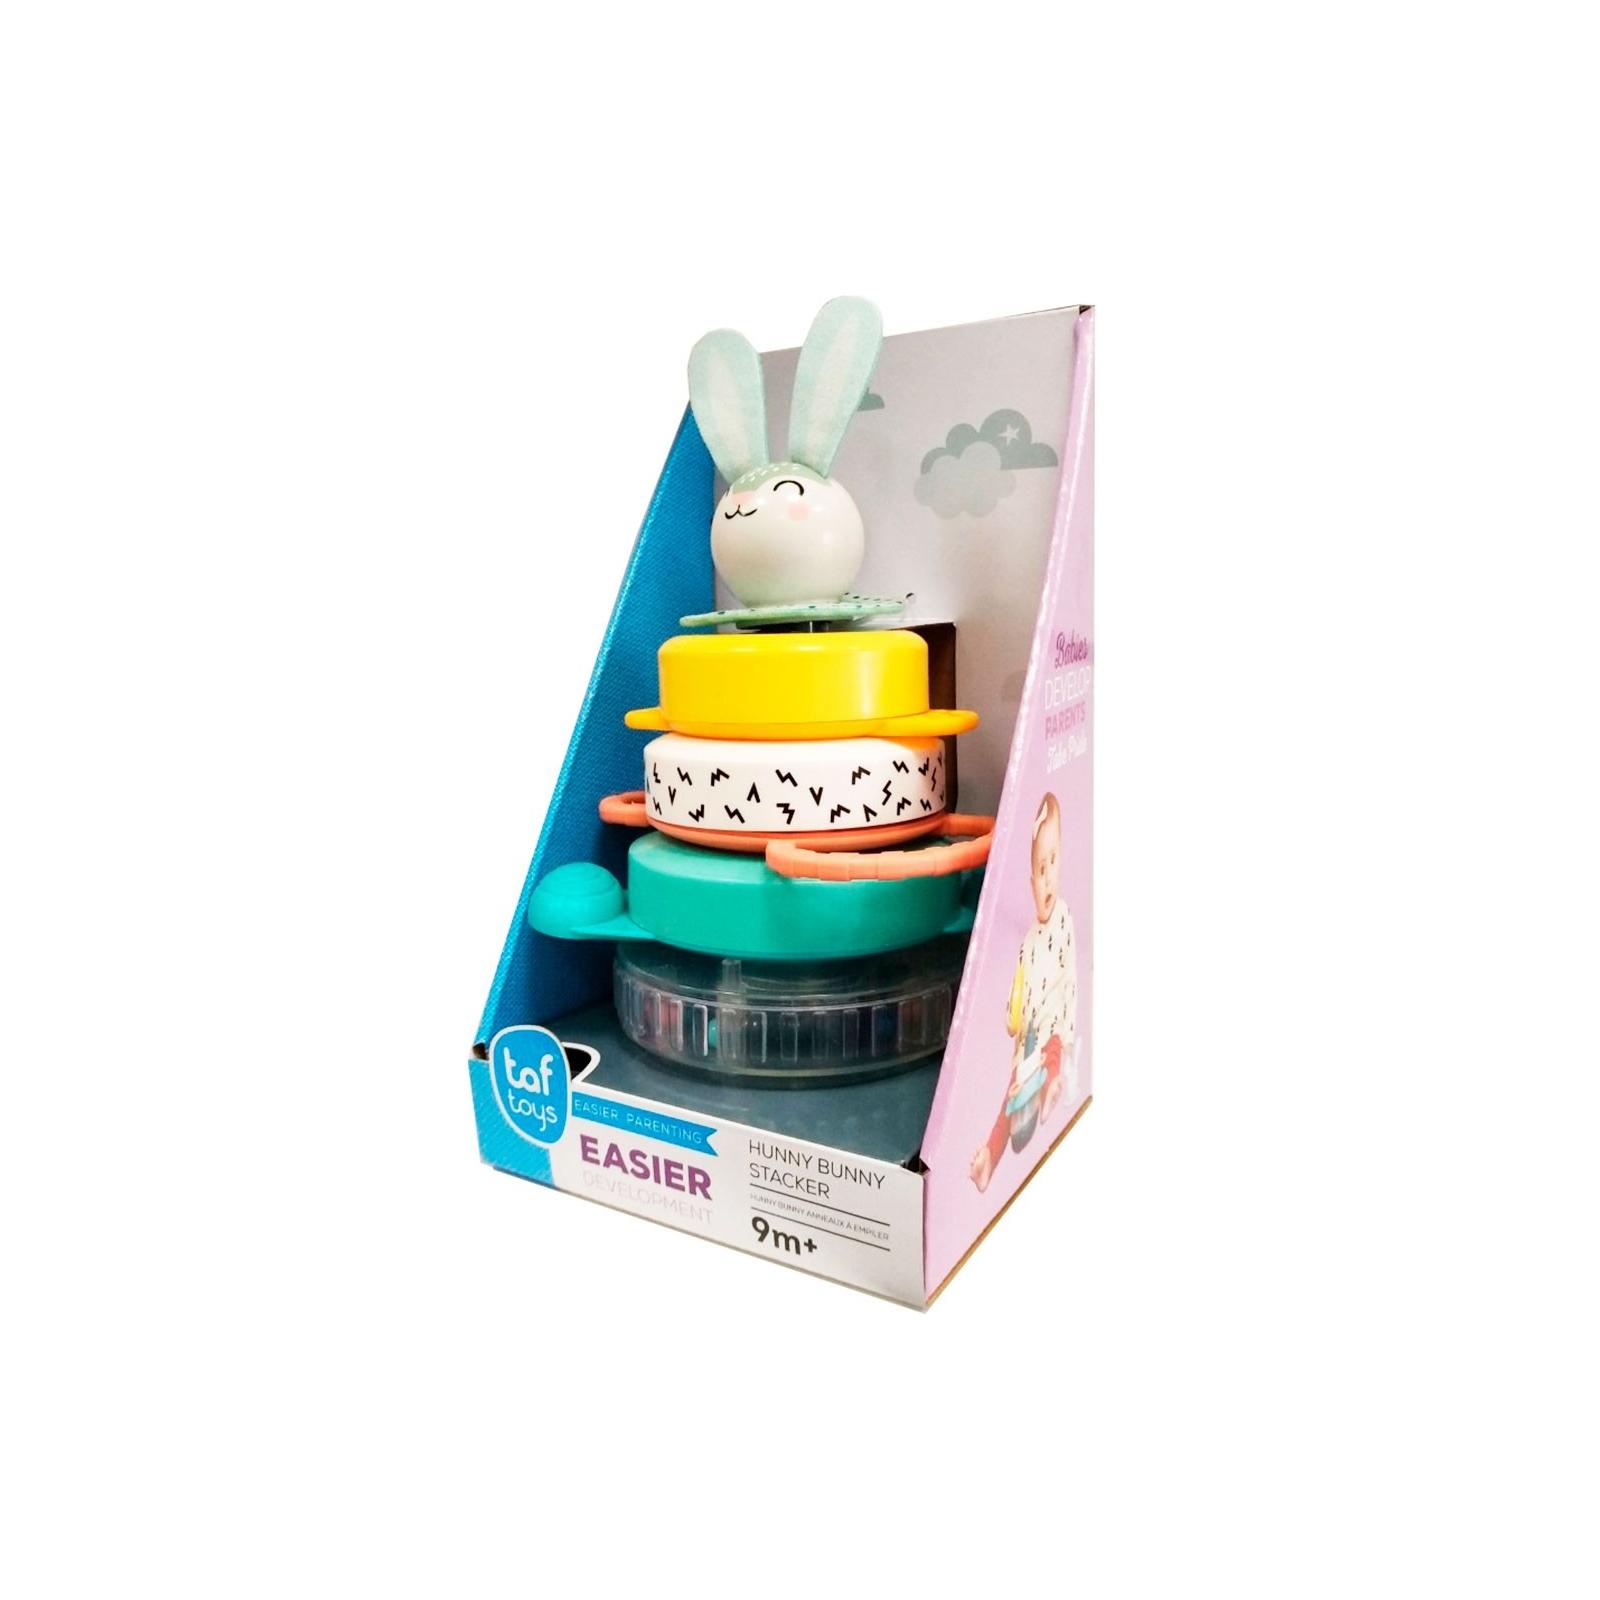 Развивающая игрушка Taf Toys пирамидка Кролик коллекция Полярное сияние (12445) изображение 3